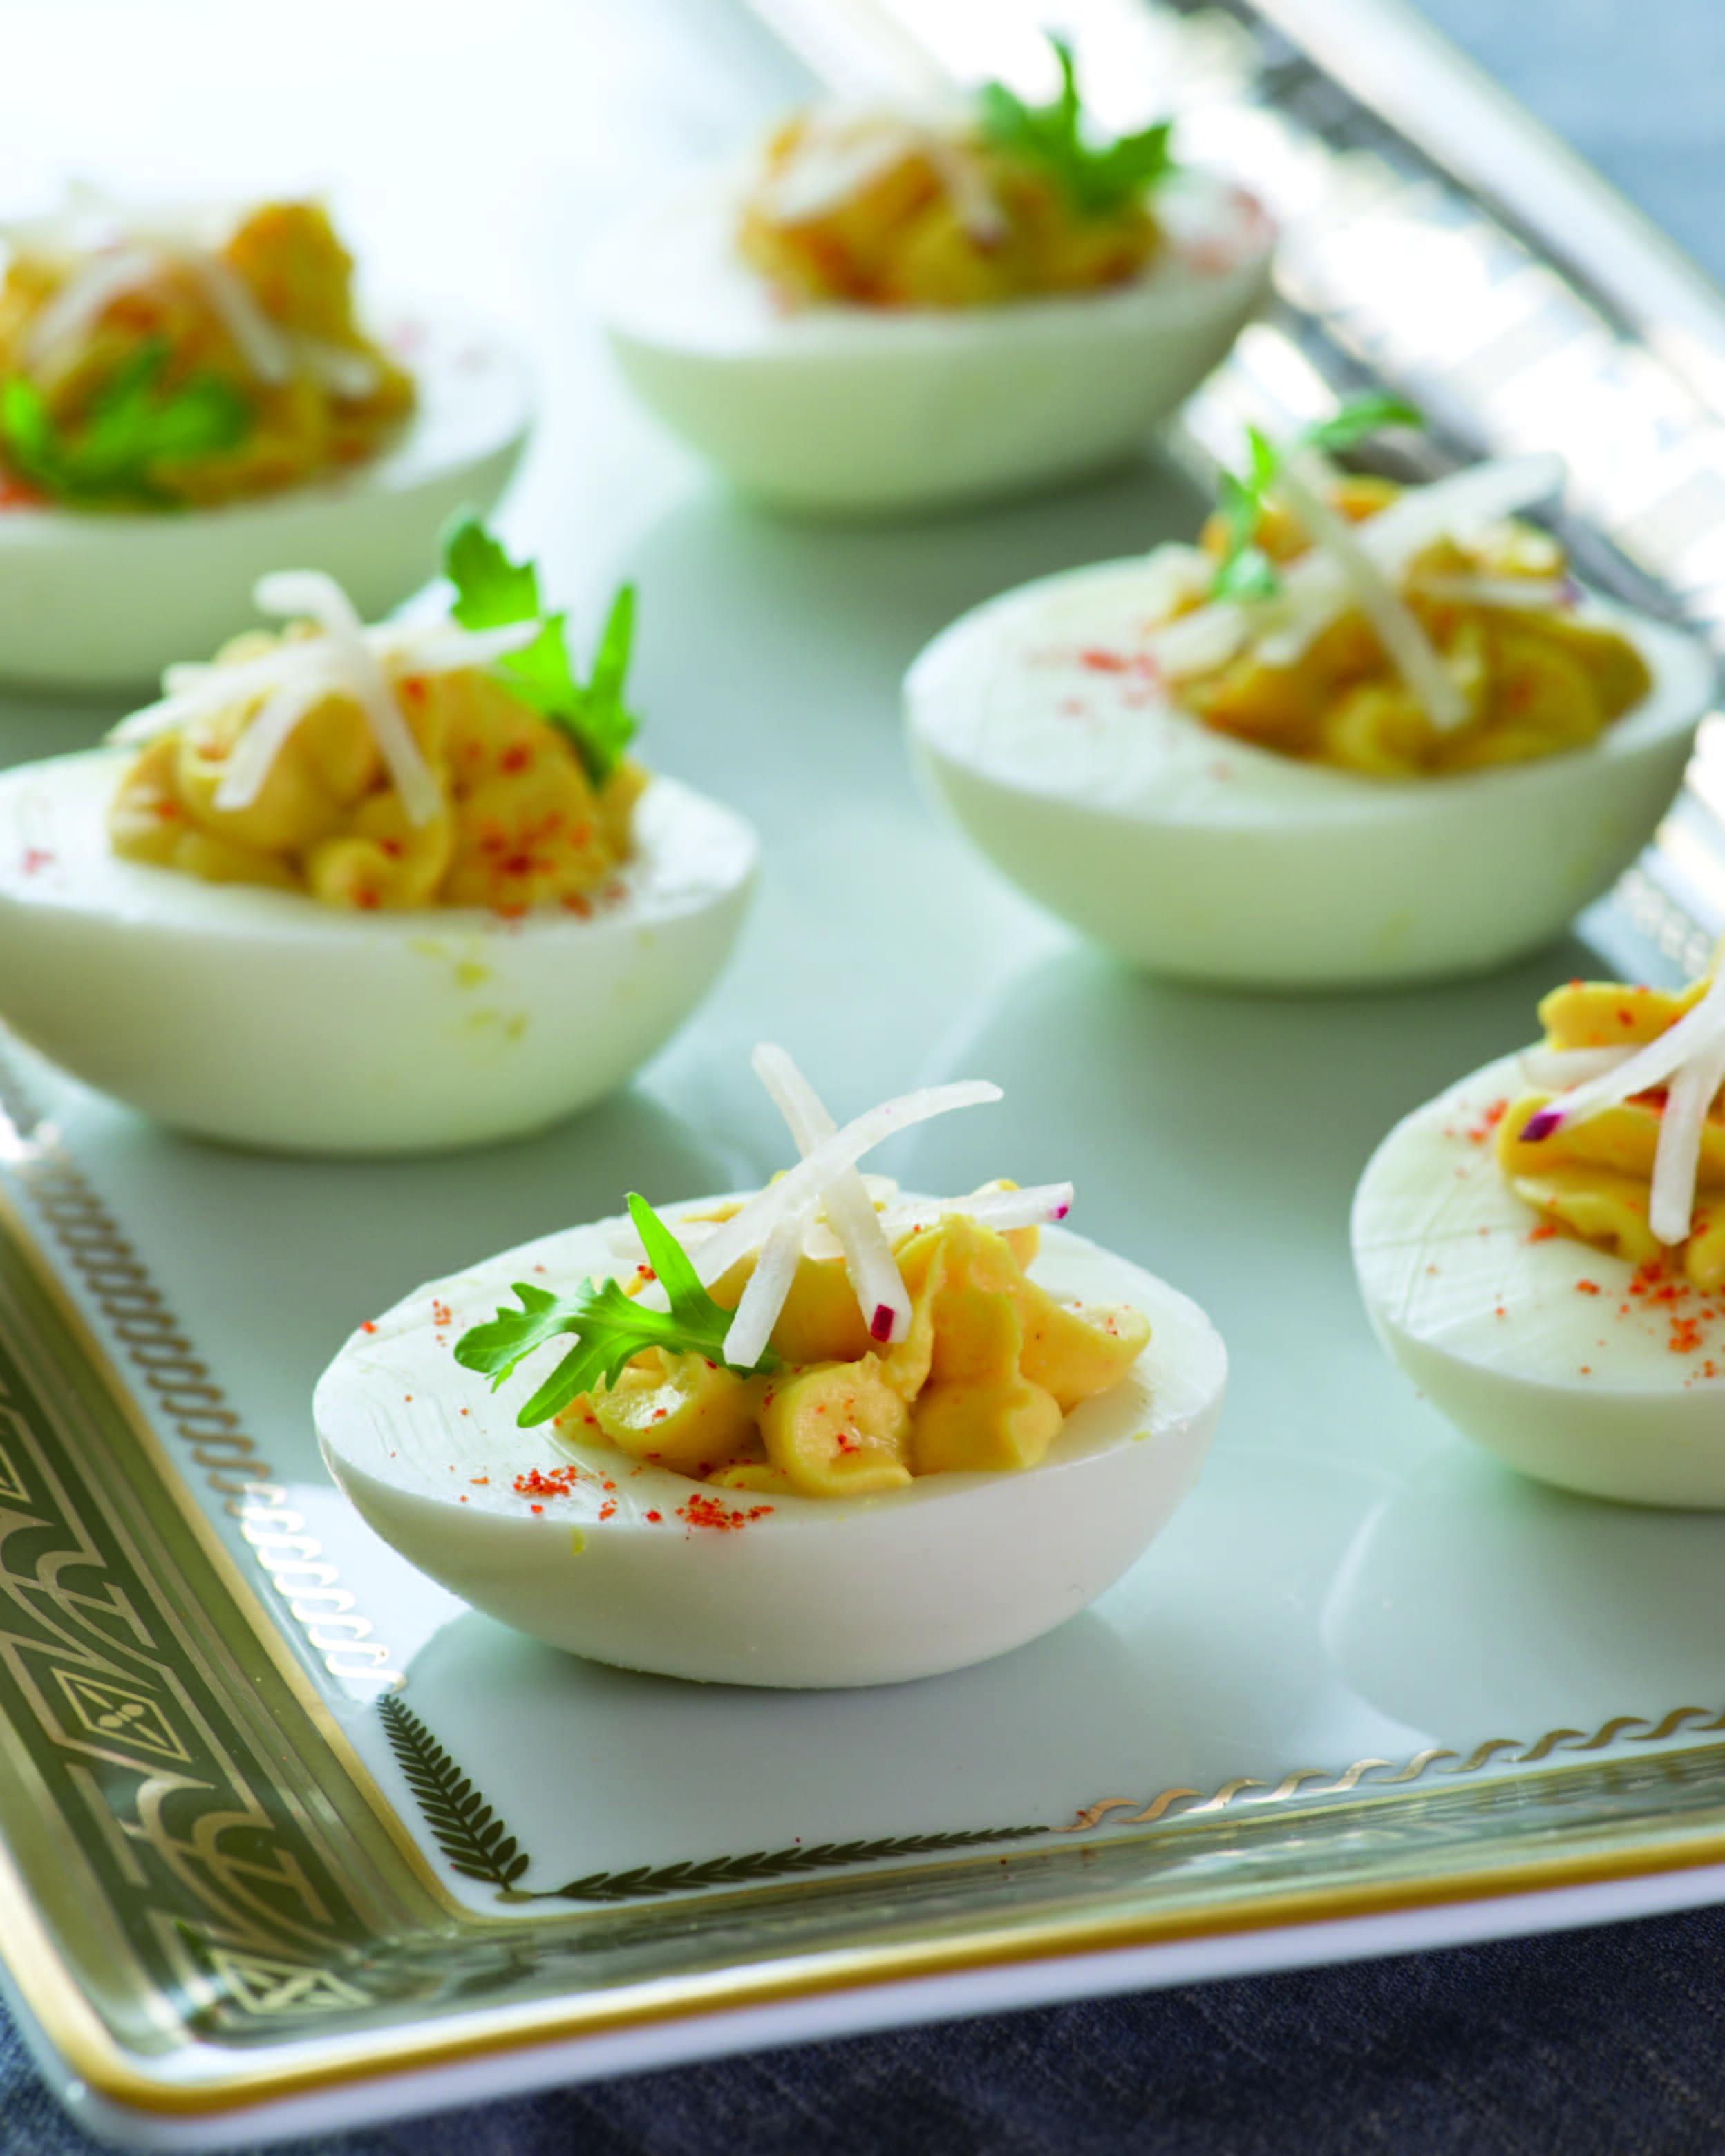 cristina ferrare's deviled eggs